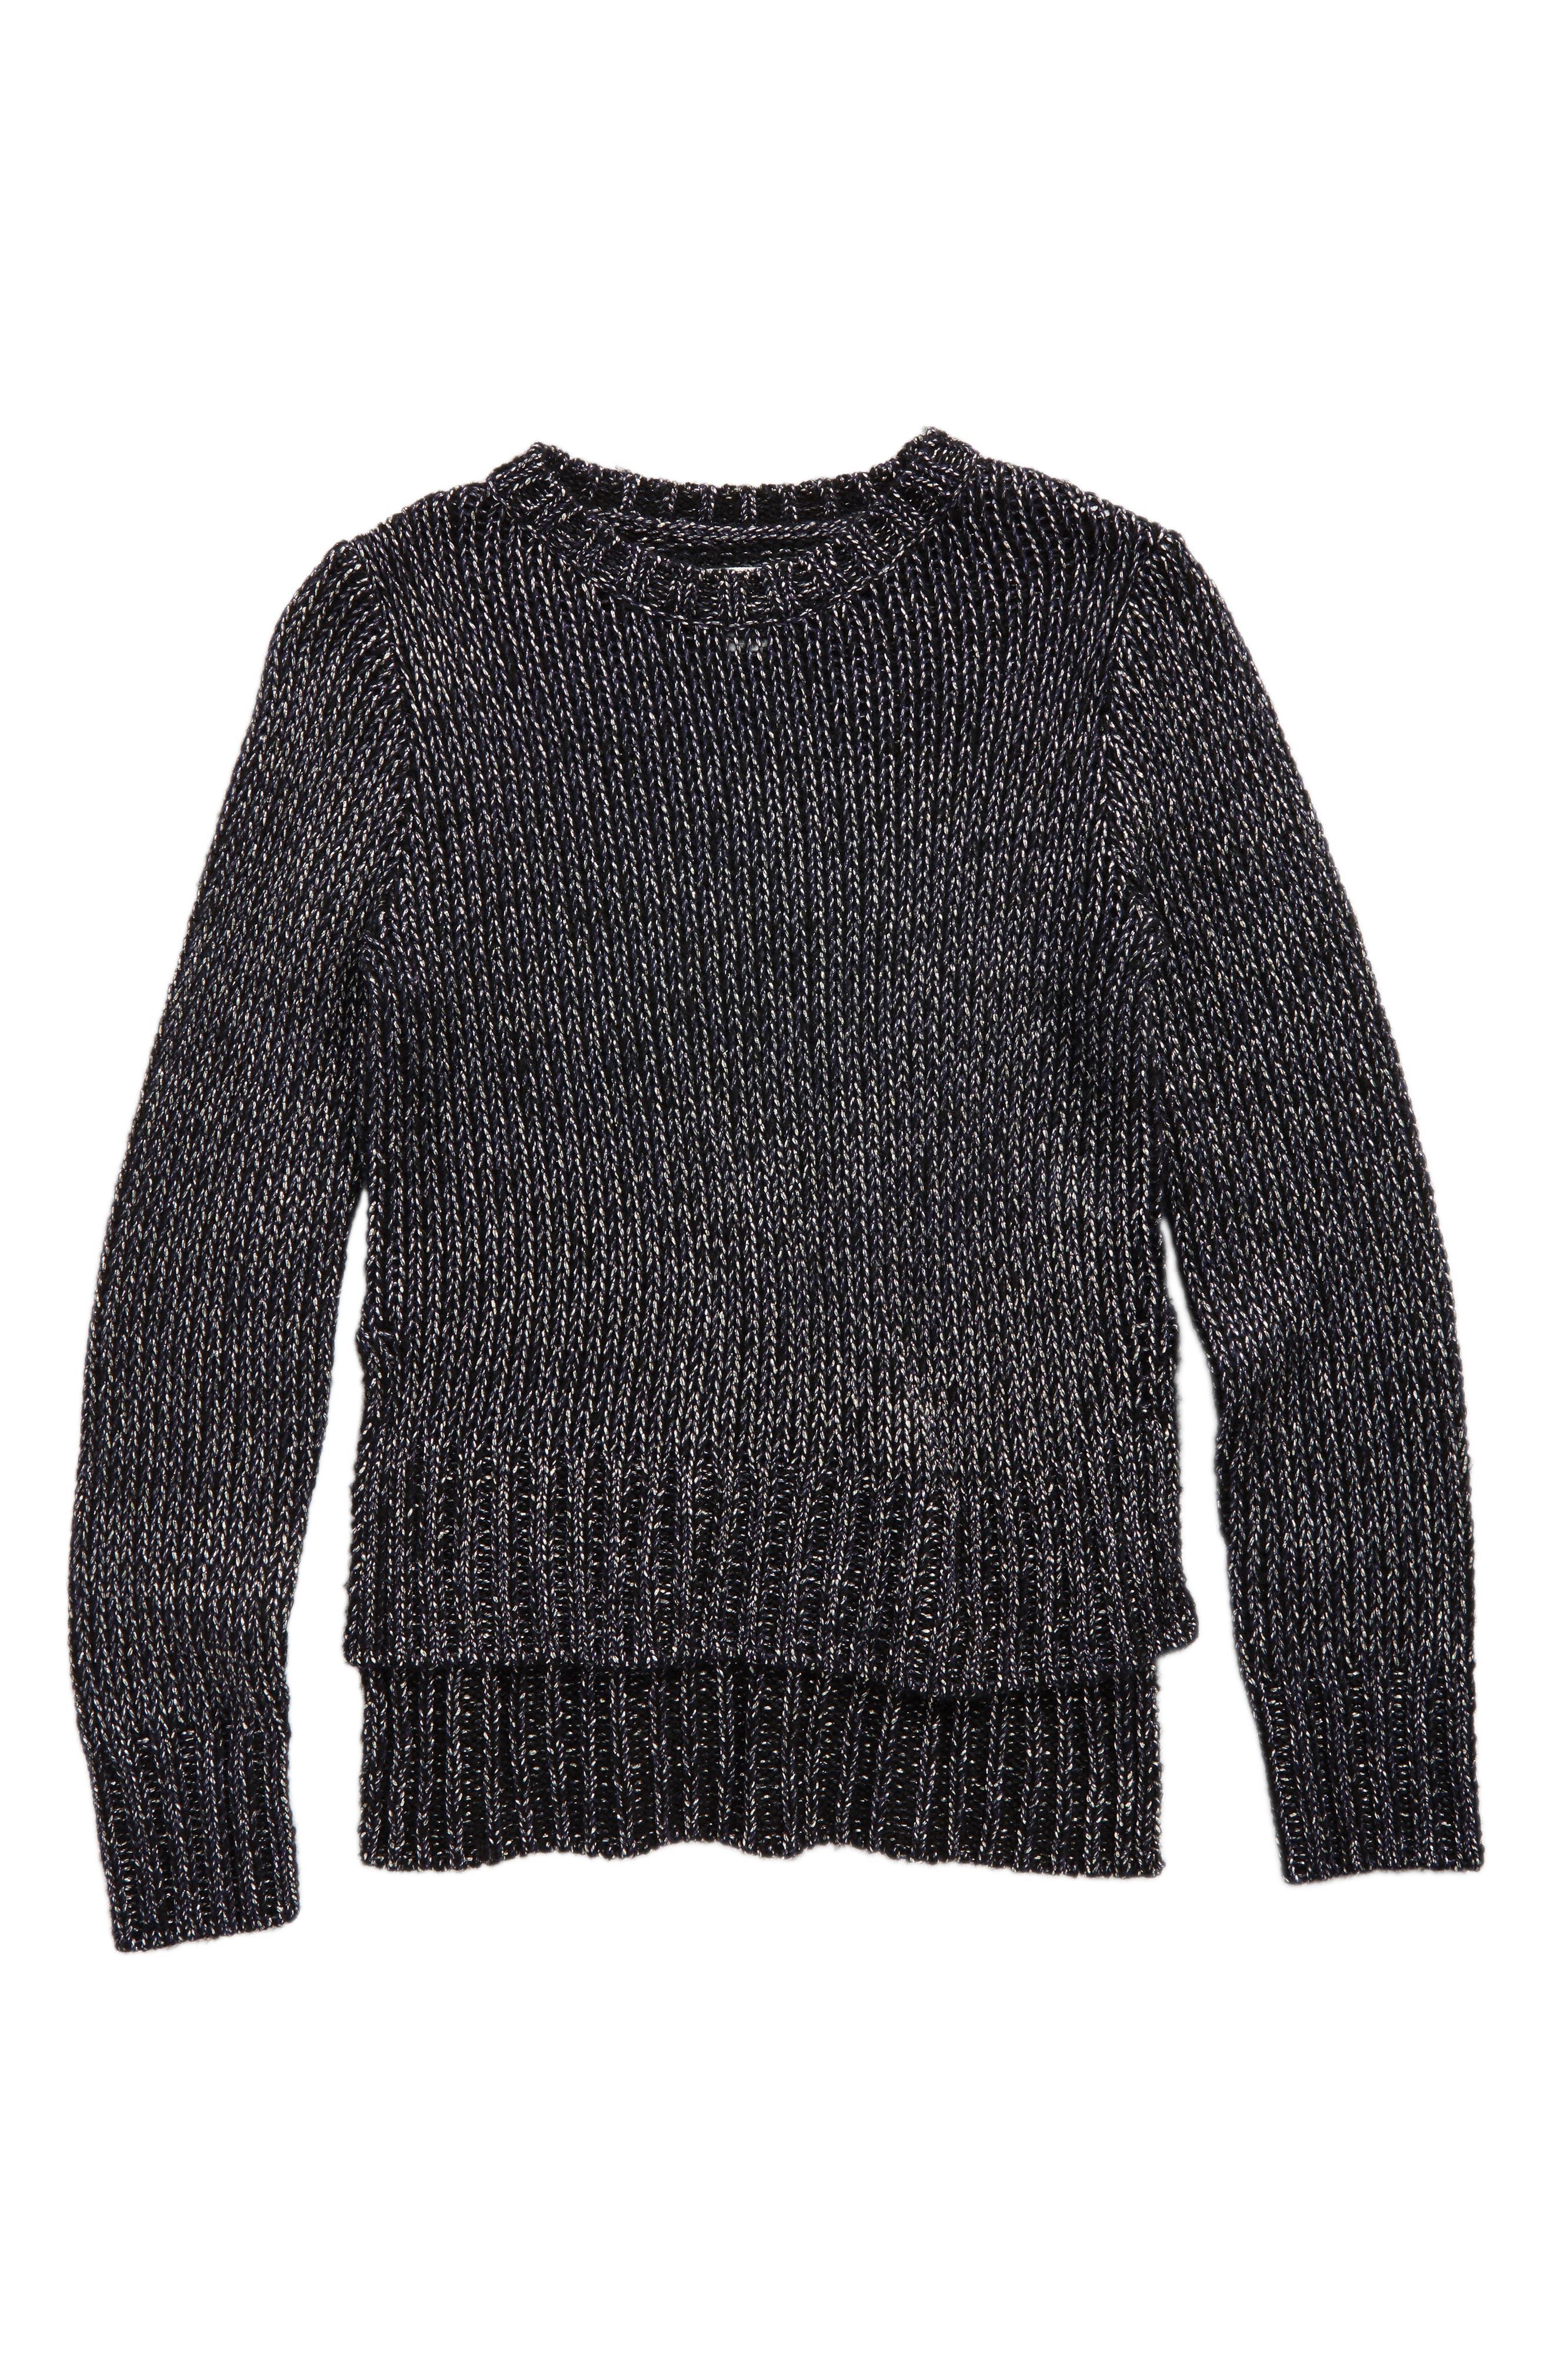 Main Image - Treasure & Bond Metallic Sweater (Big Girls)